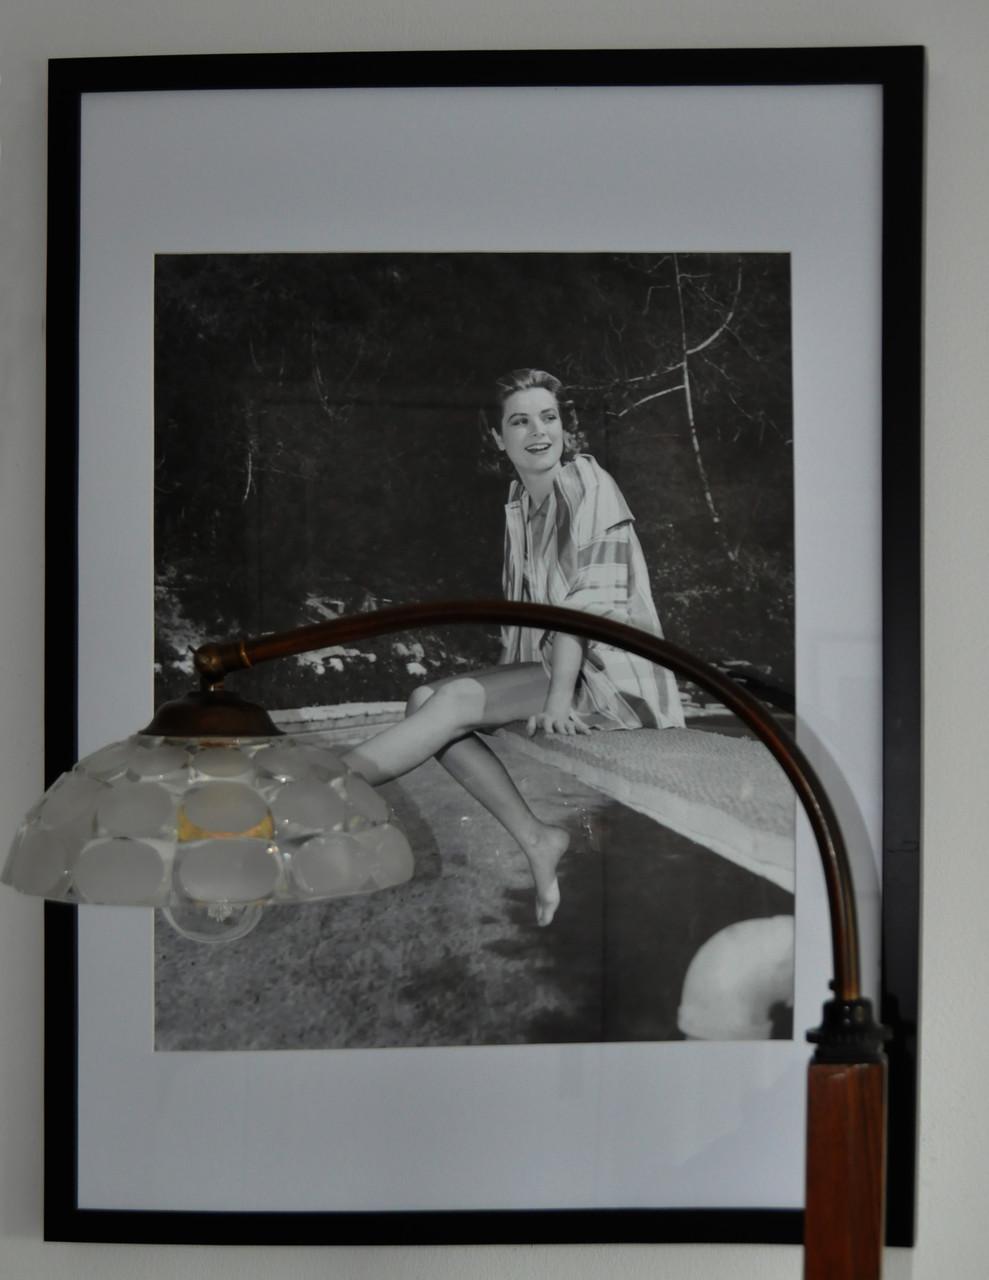 Grace Kelly über meinem Nachtisch, sie strahlte mich an..:-)